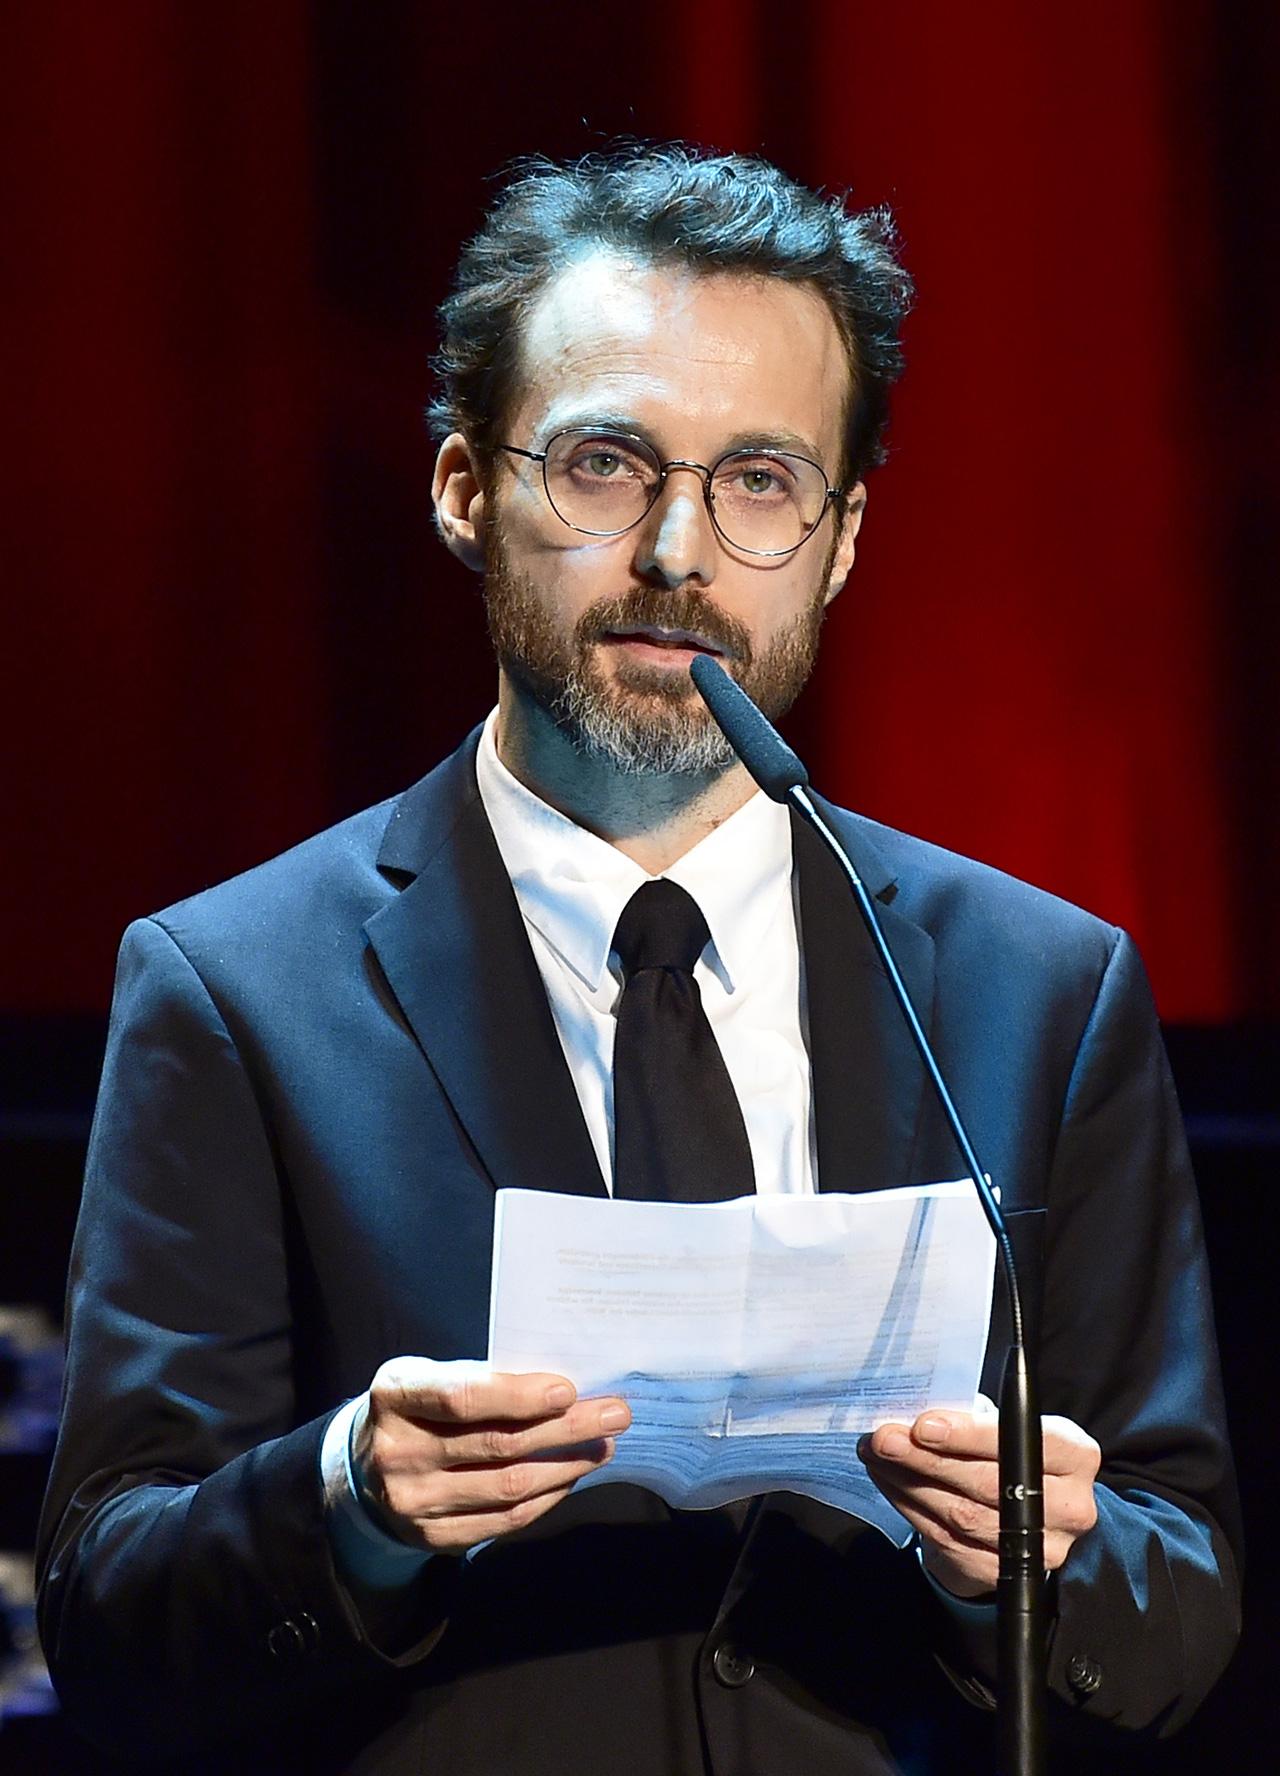 """Gerald Kerkletz (Plattform """"KlappeAuf"""") hält eine Rede im Rahmen der Vergabe """"Österreichischer Filmpreis 2019"""""""